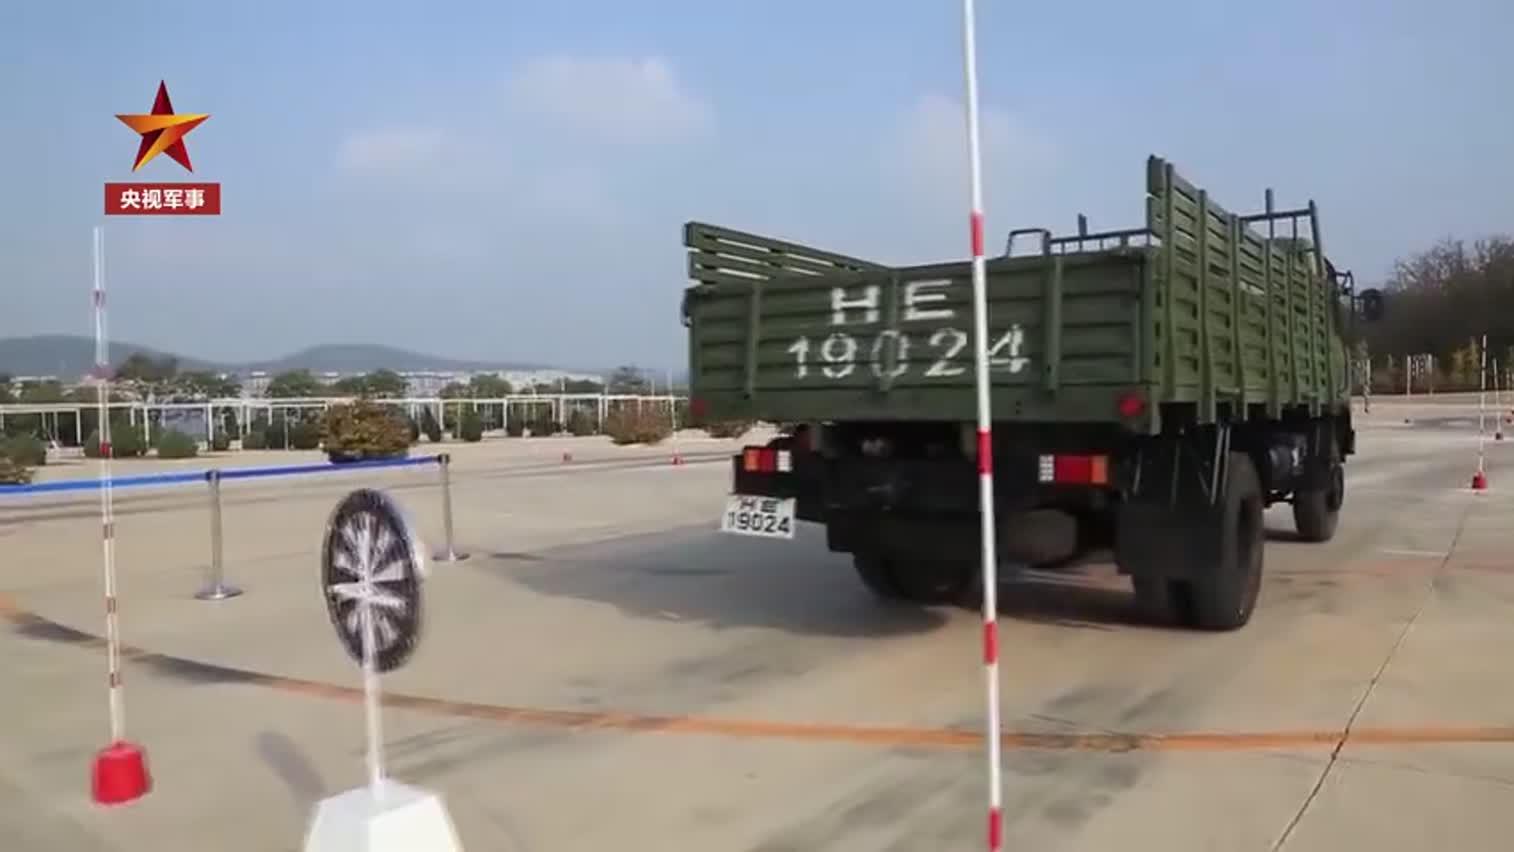 硬核驾驶技术!40秒看兵哥哥玩转方向盘